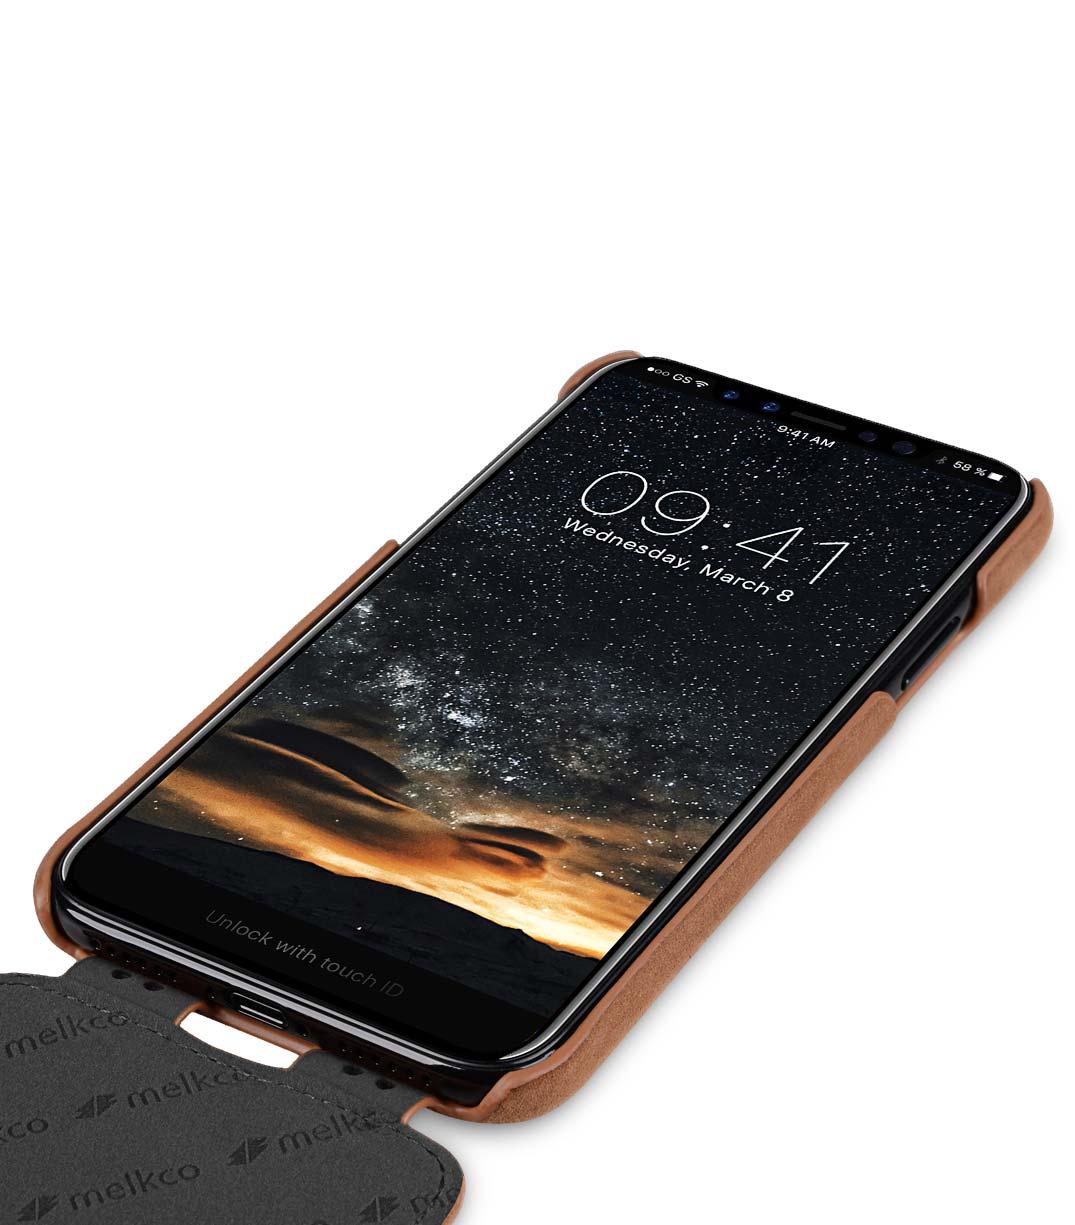 iPhone 11 Pro (5.8インチ) (2019)  【 Melkco】 プレミアム ヌバック レザーケース 本革 ハンドメイド 磁石不使用 フリップタイプ (縦開き)  【 クラシック・ビンテージ・ブラウン 】